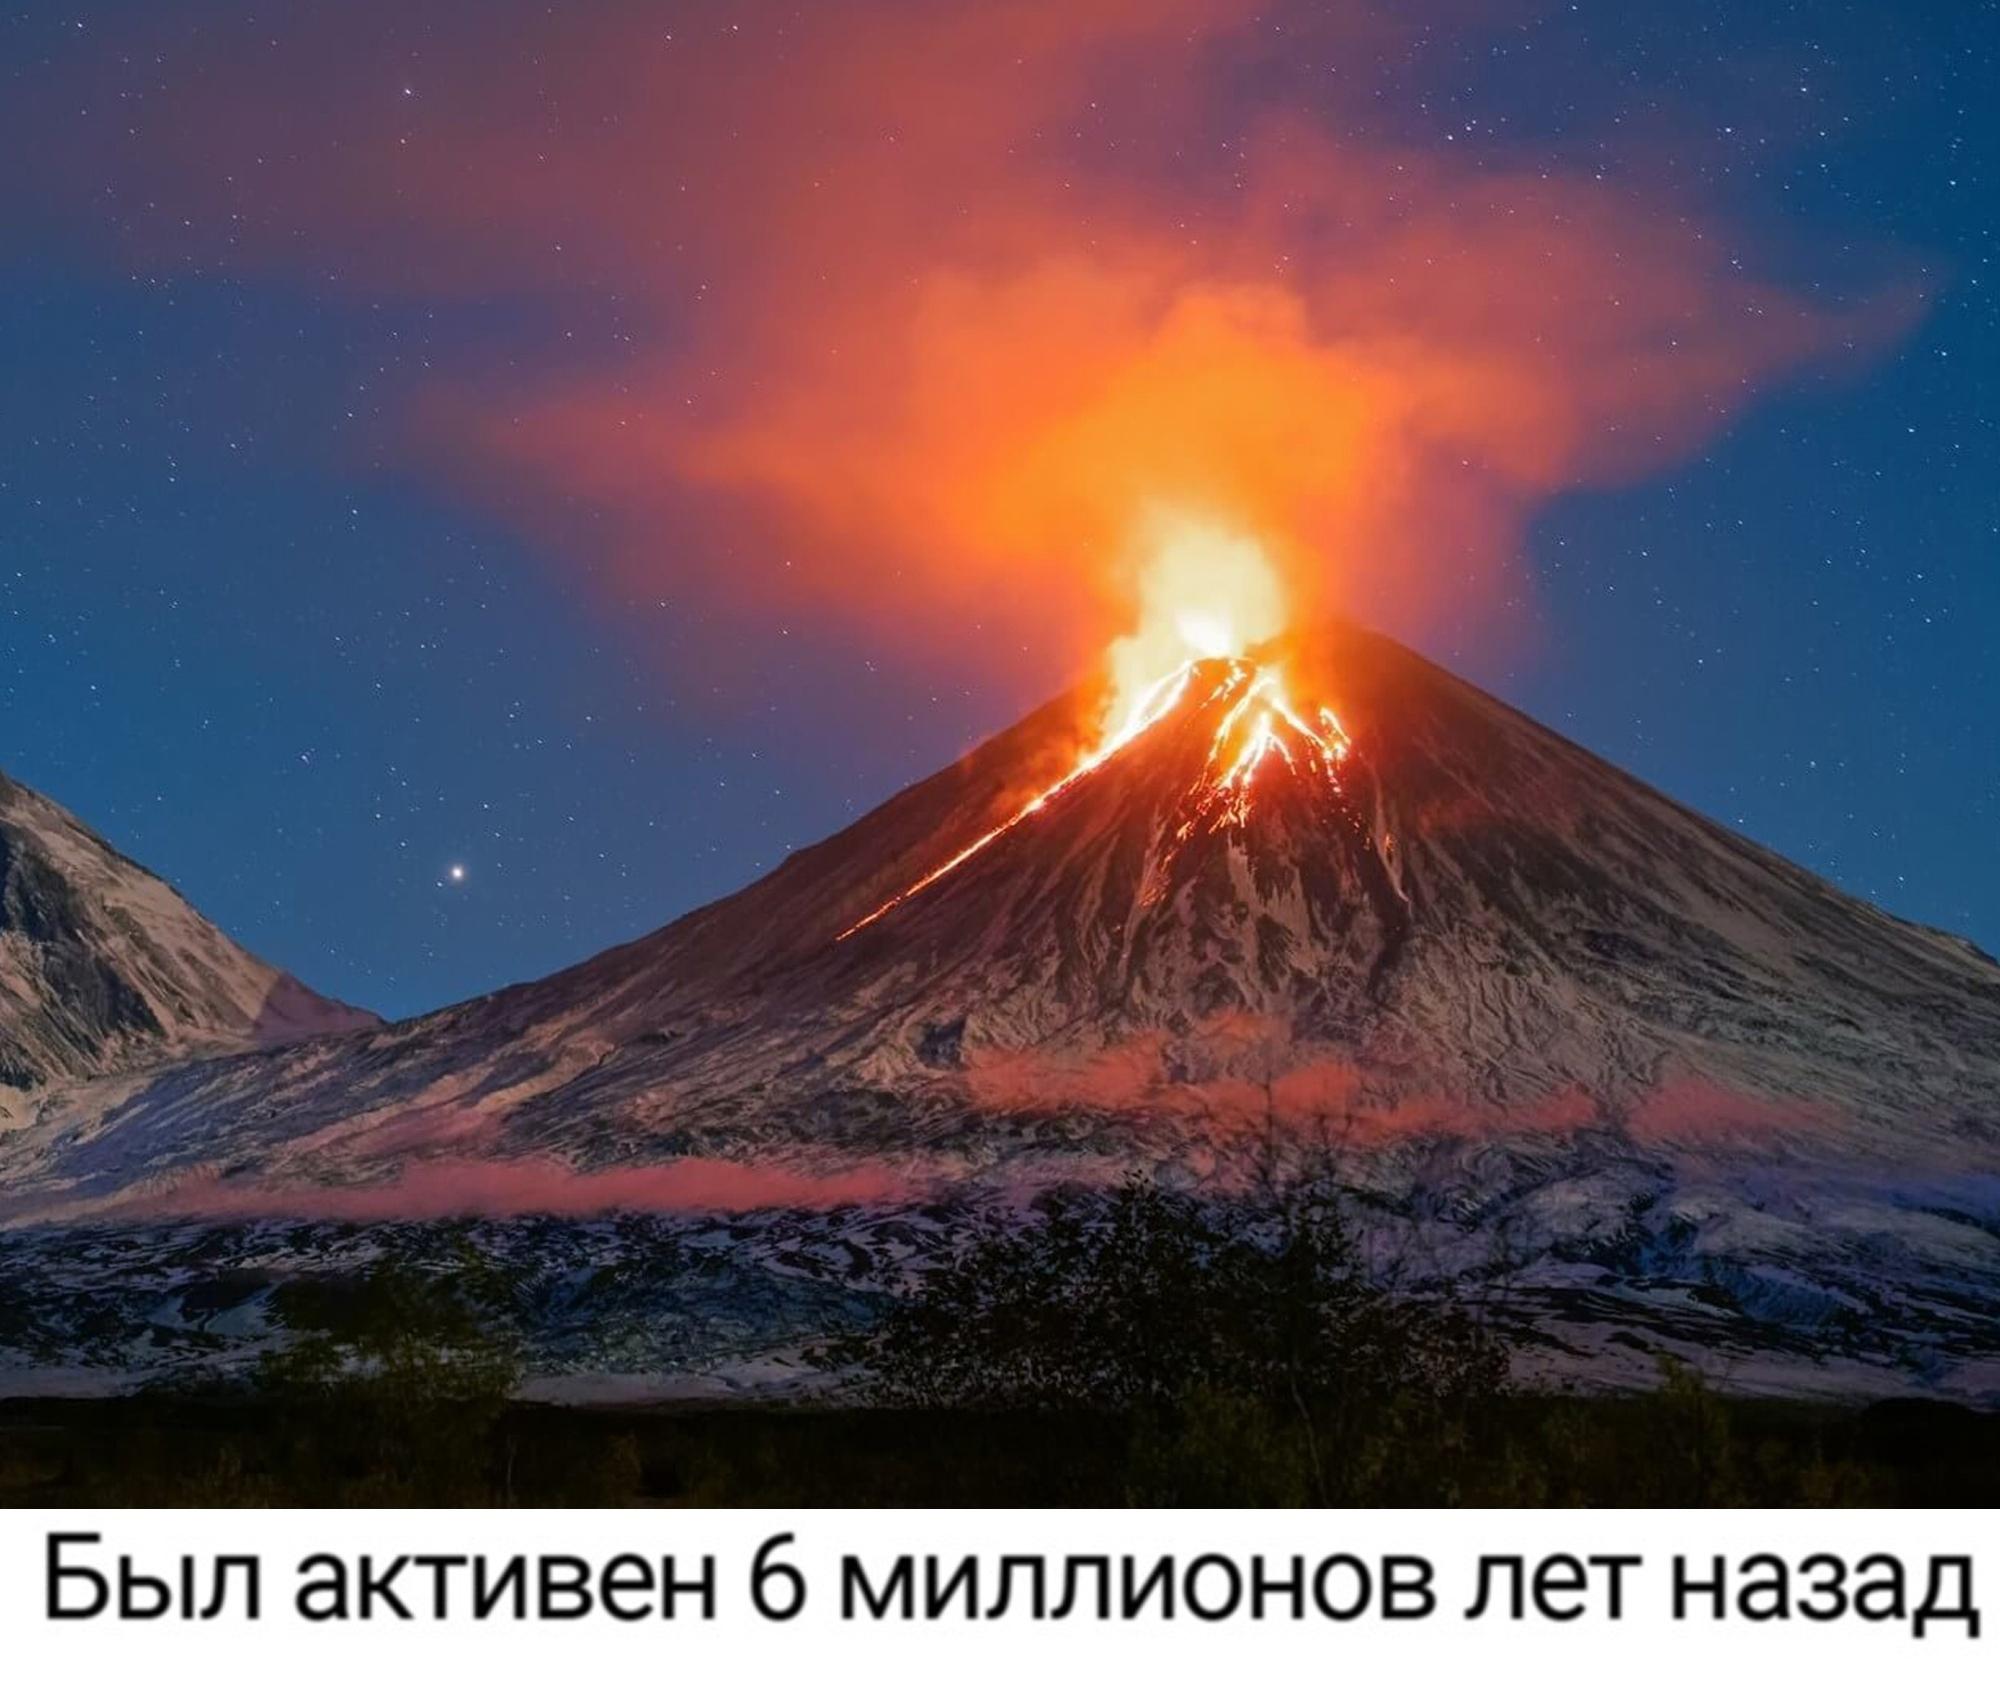 Переписка вулканов